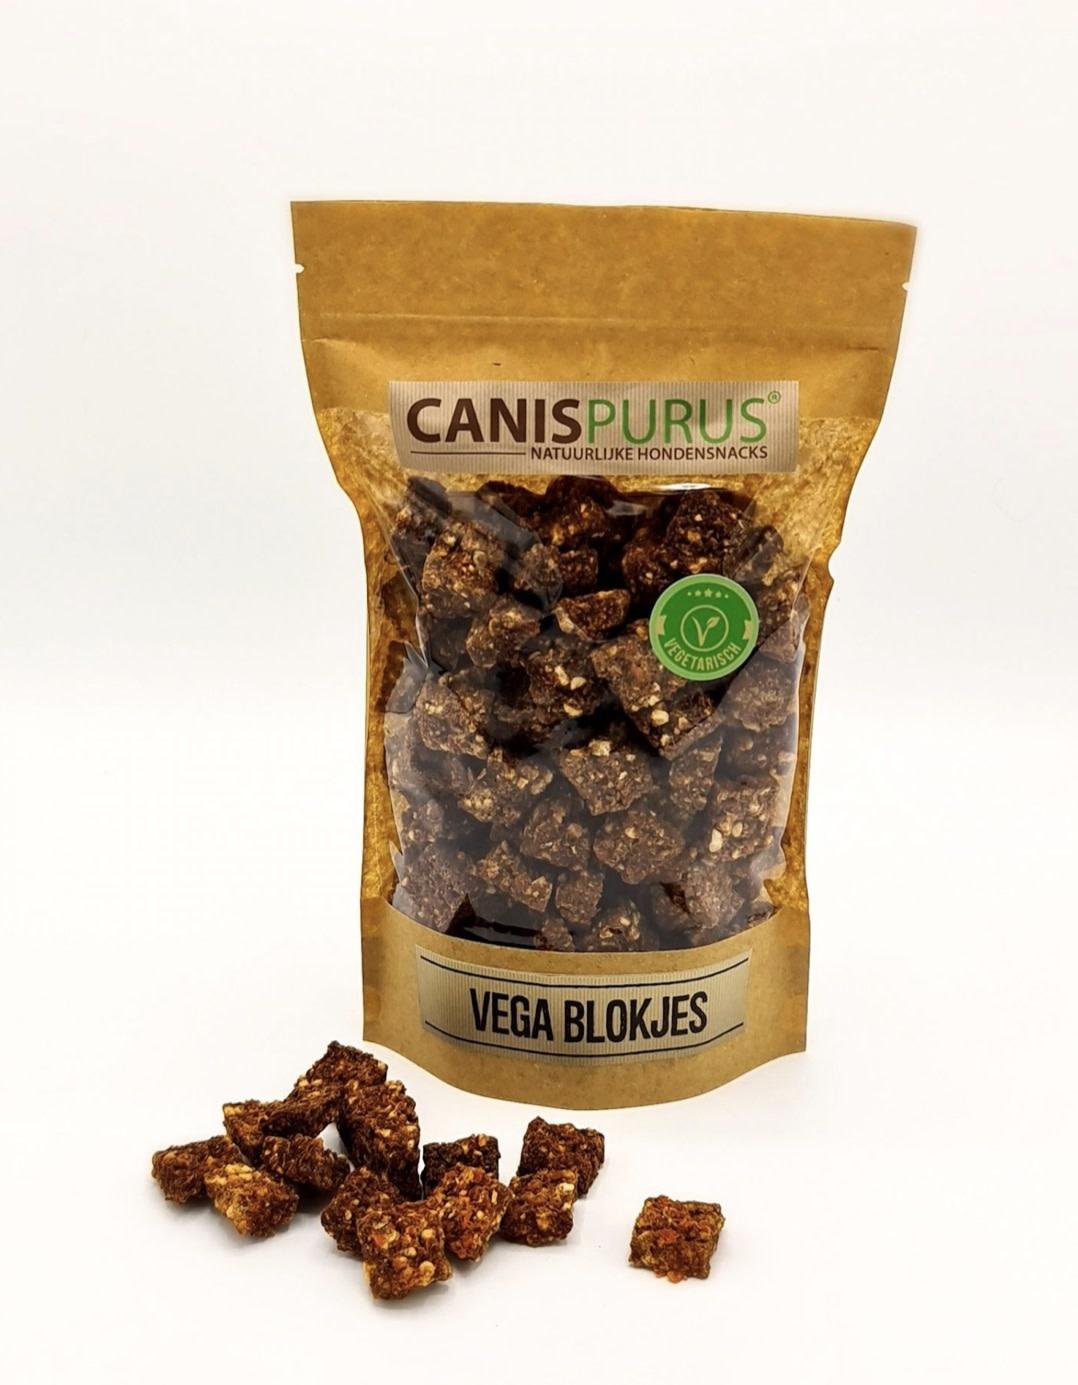 Canis Purus Canis Purus vega blokjes 200 gr